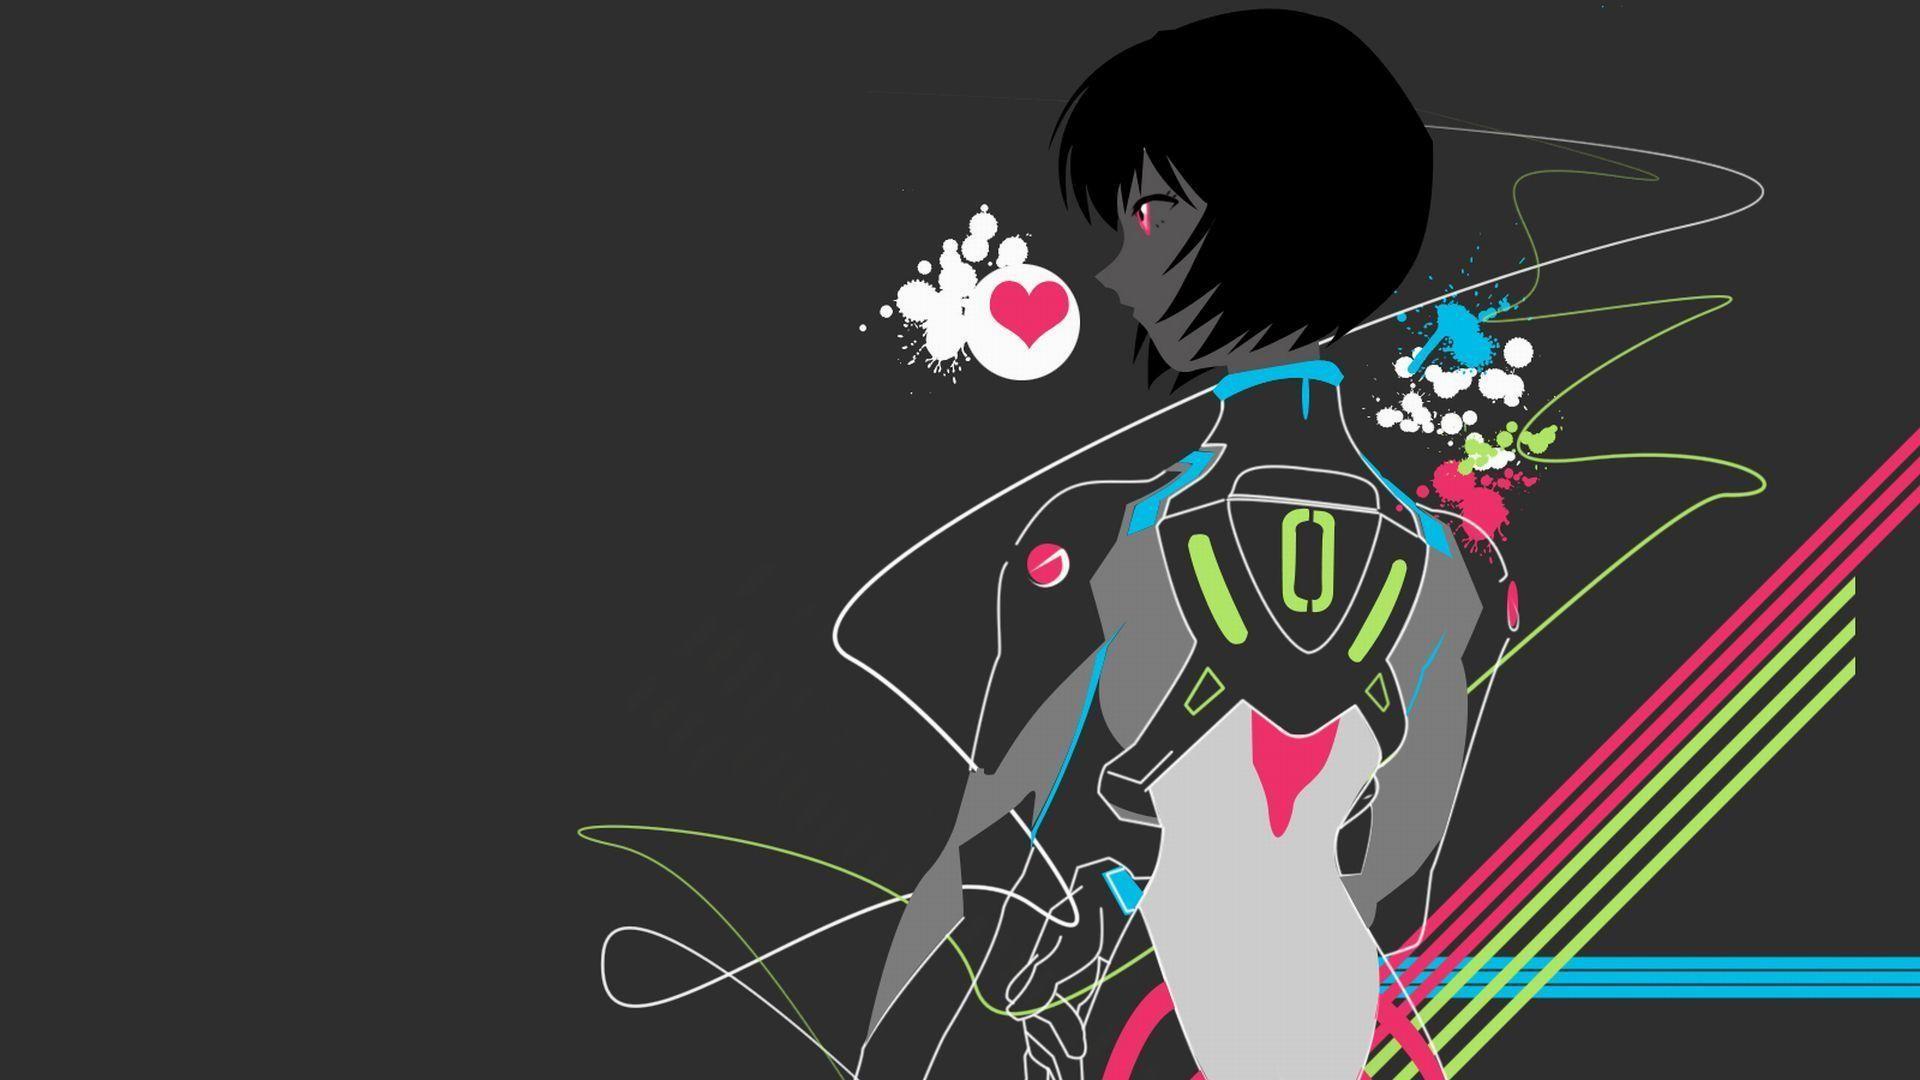 Neon-Genesis-Evangelion-Art-Wallpaper